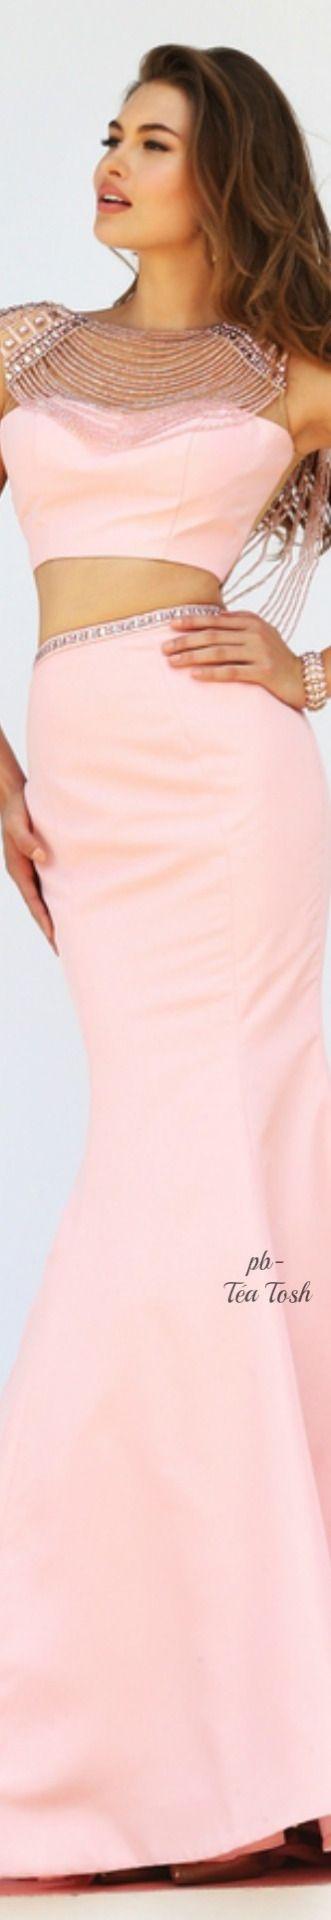 Mejores 148 imágenes de Pretty In Pink en Pinterest | Moda rosada ...